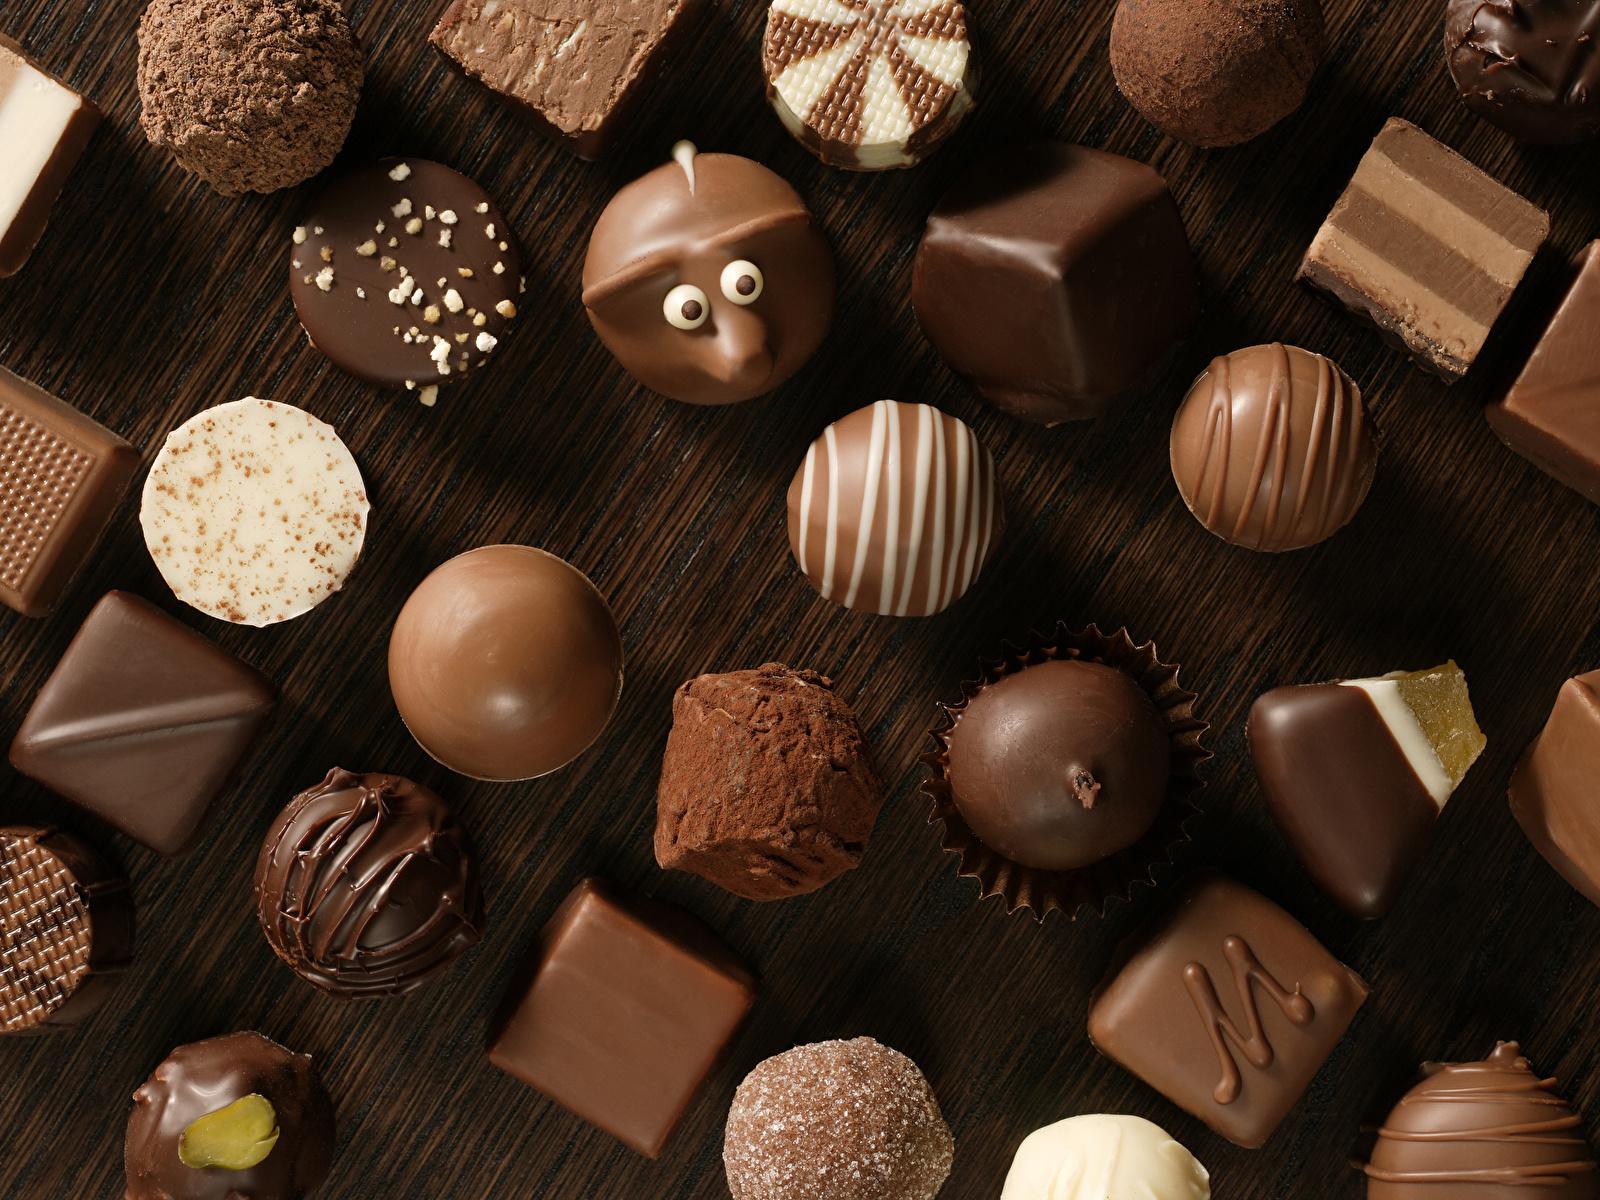 Картинка Шоколад Конфеты Пища Сладости 1600x1200 Еда Продукты питания